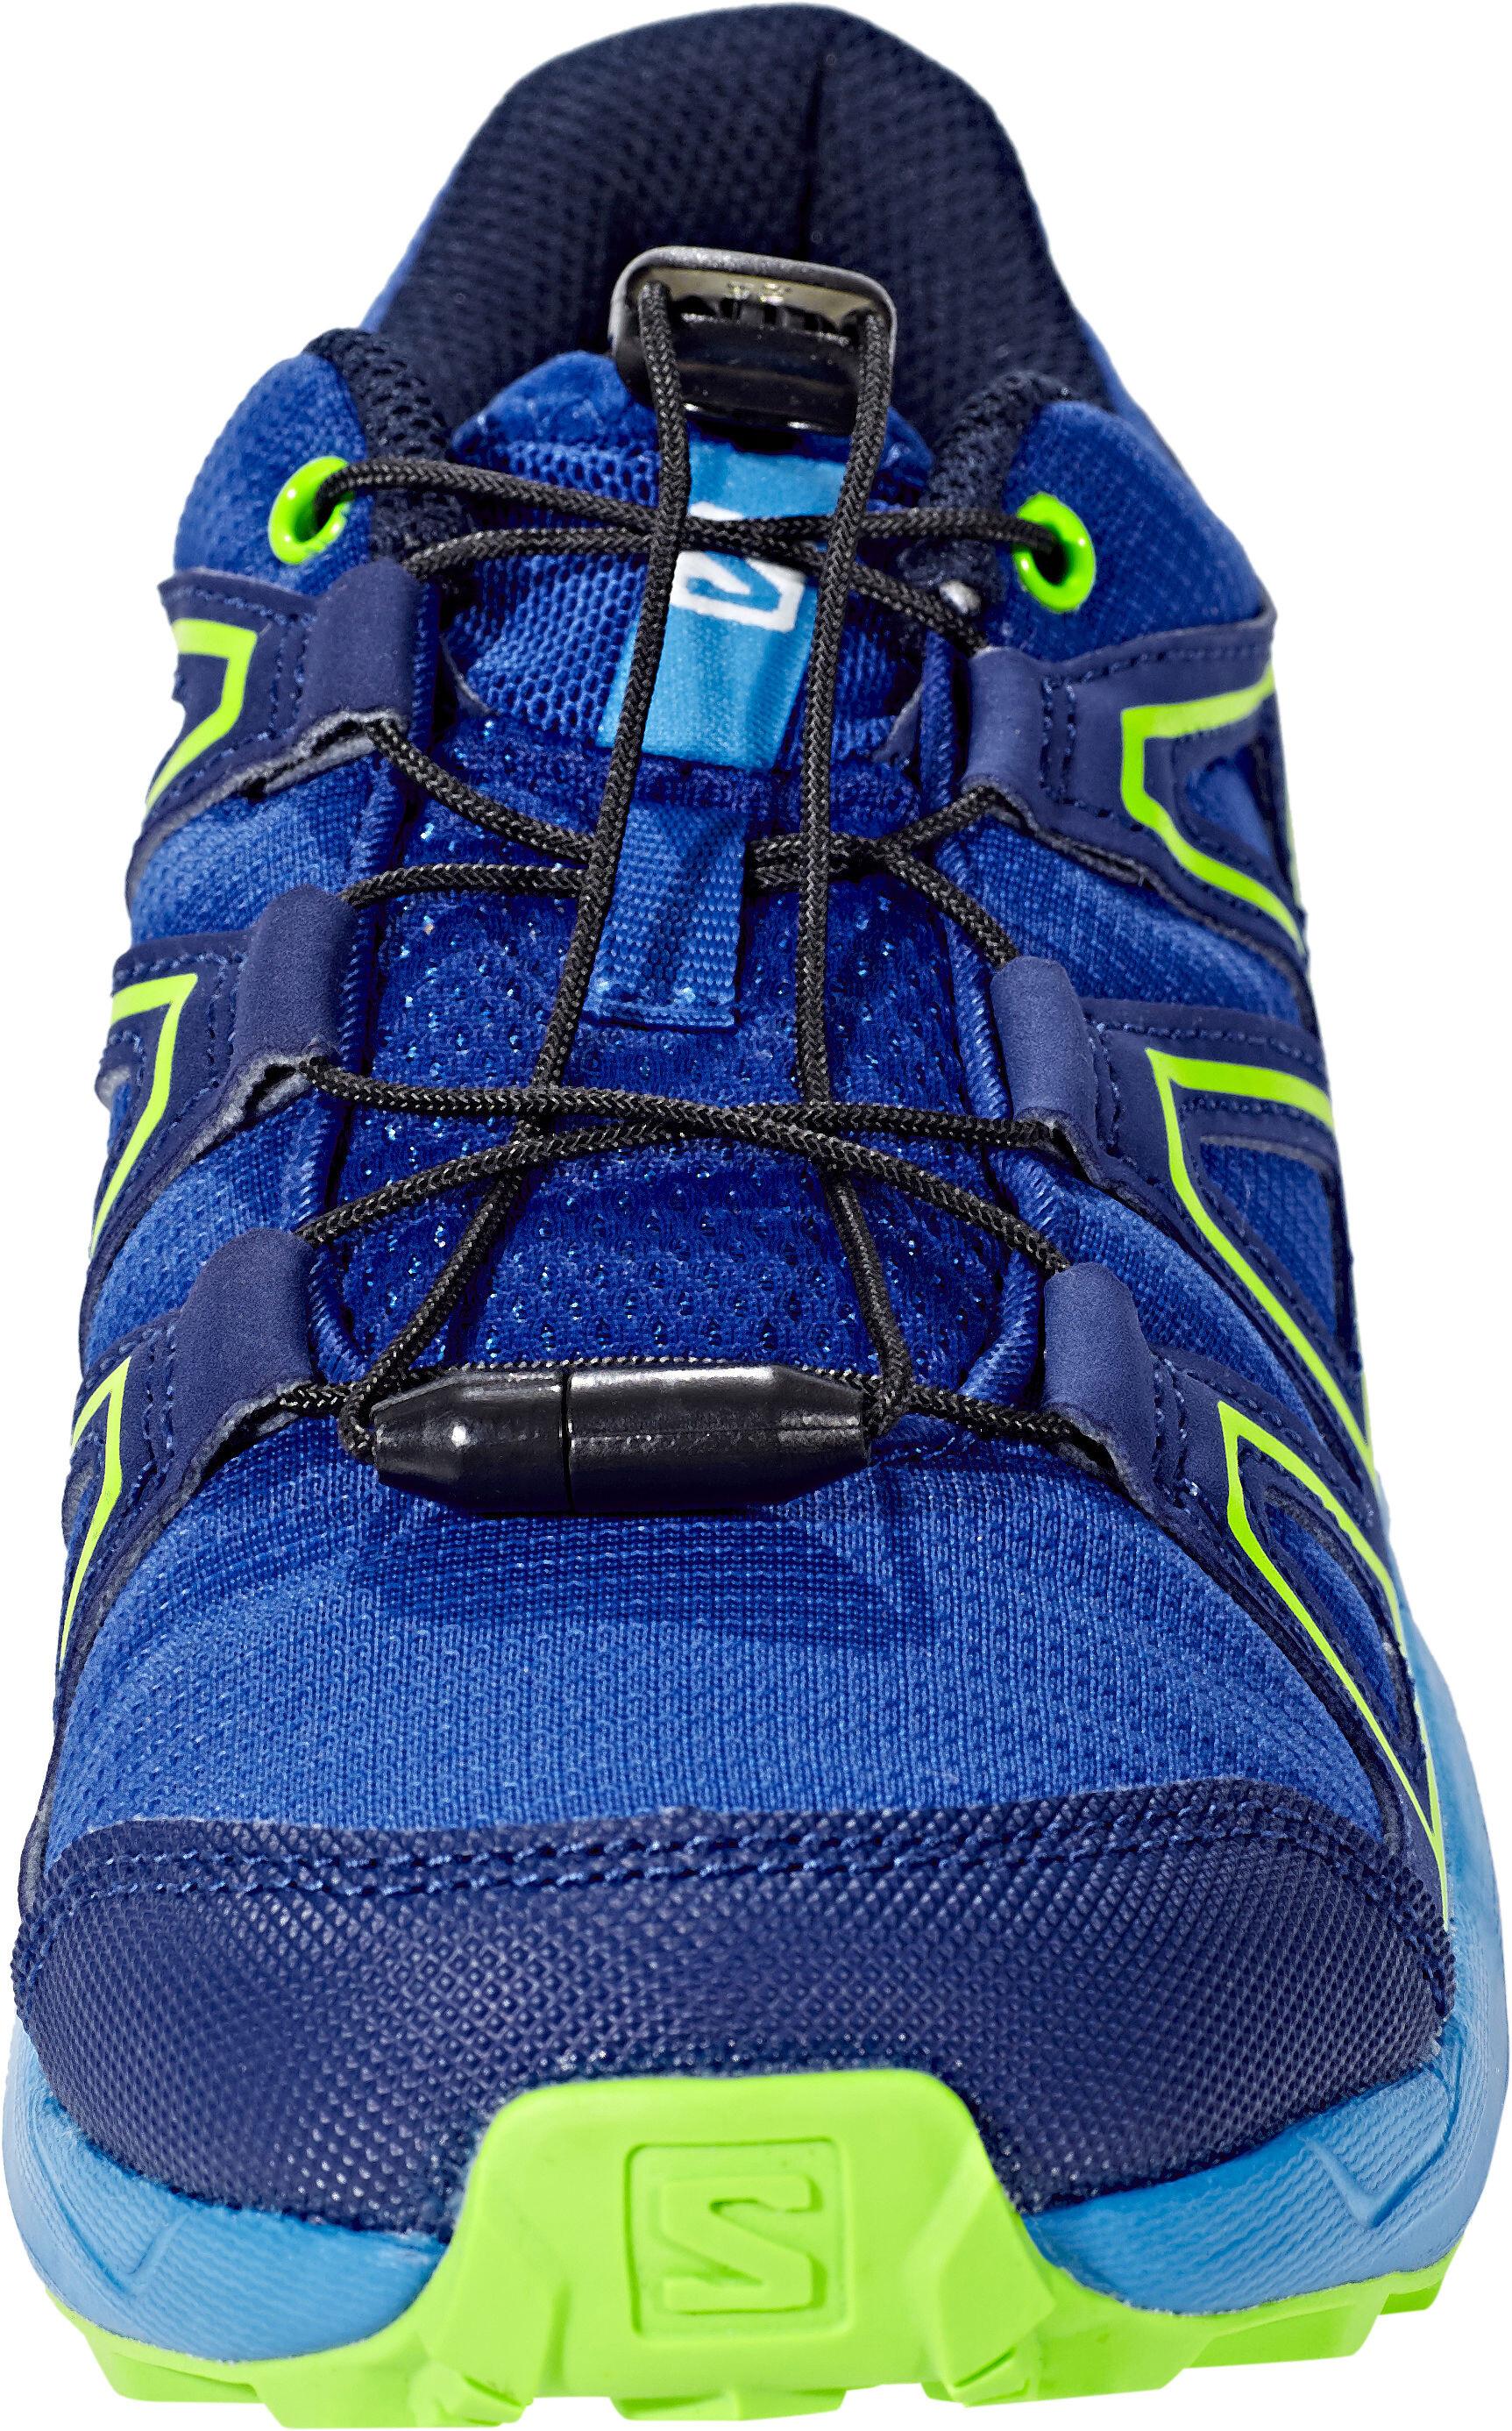 da85d46c2cf Salomon Junior Speedcross Shoes surf the web/cloisonné/green flash ...